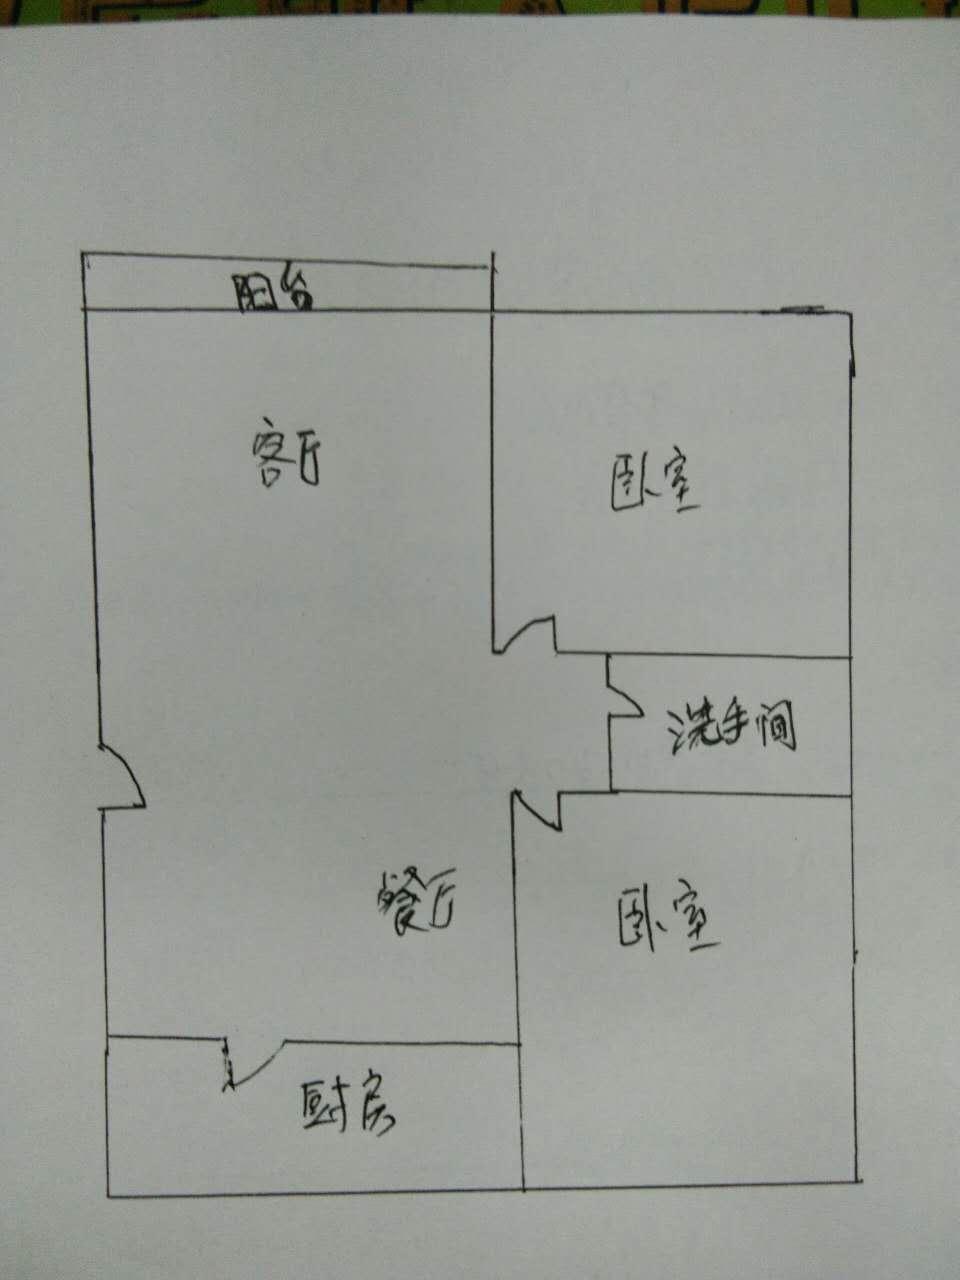 鲁班御景园 2室2厅 1楼